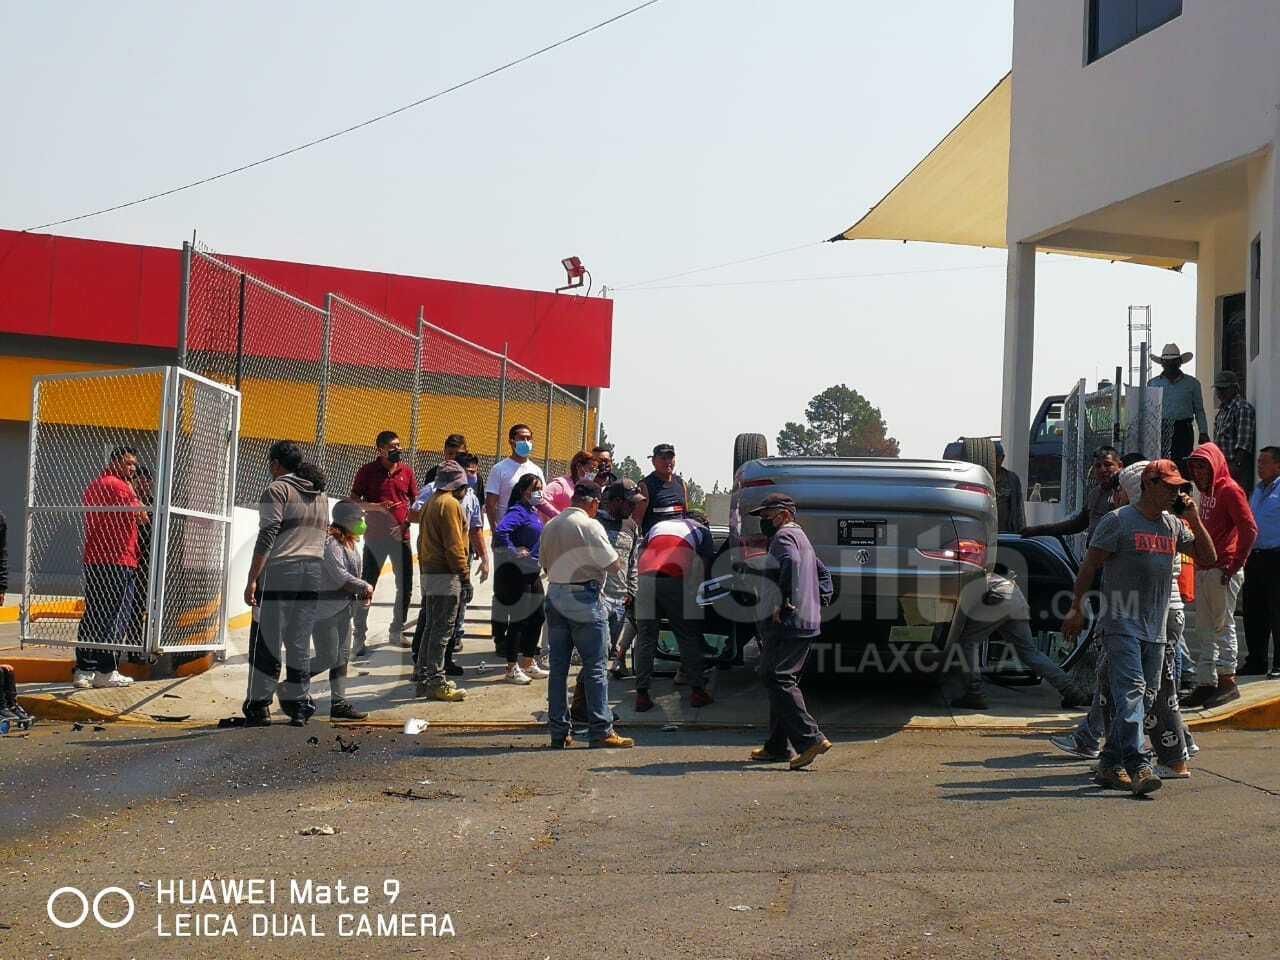 Se registra fuerte accidente frente a la Unidad Xicoténcatl